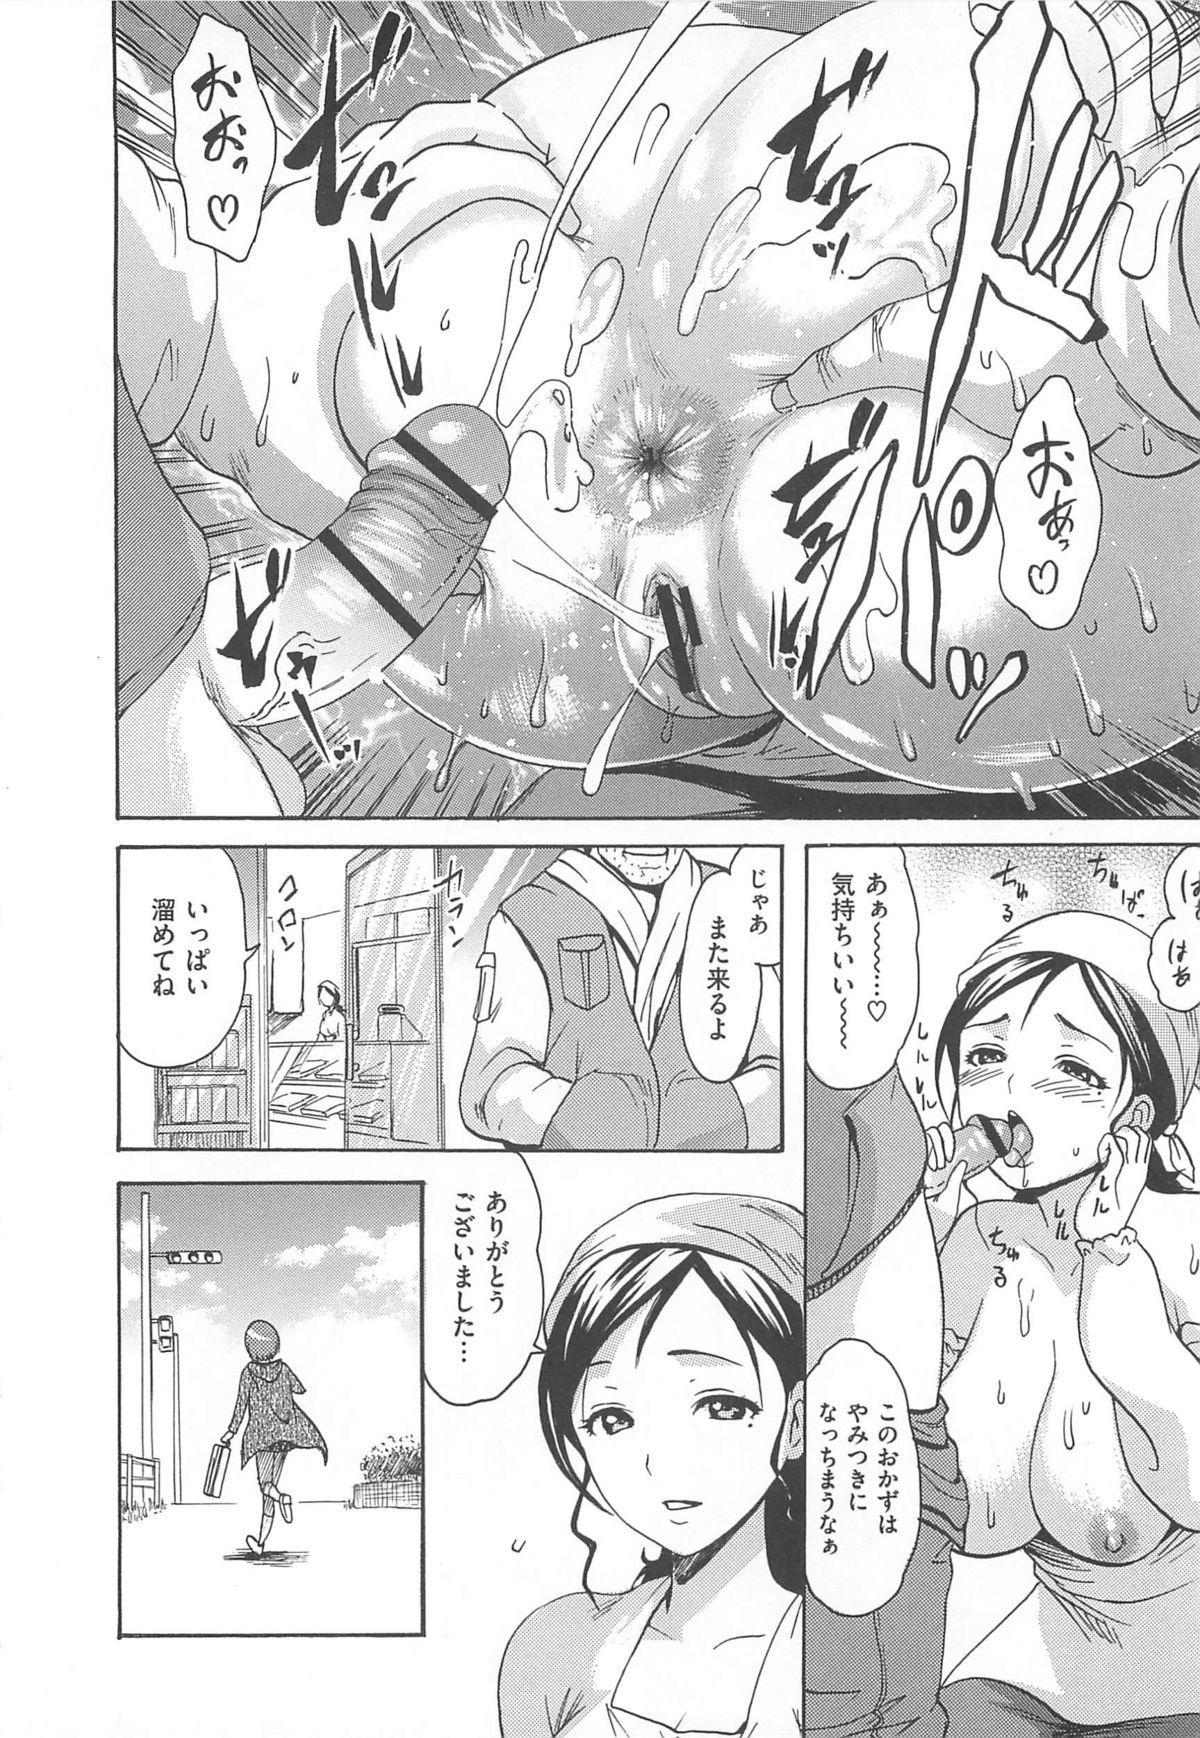 Torokeru Asobi 194